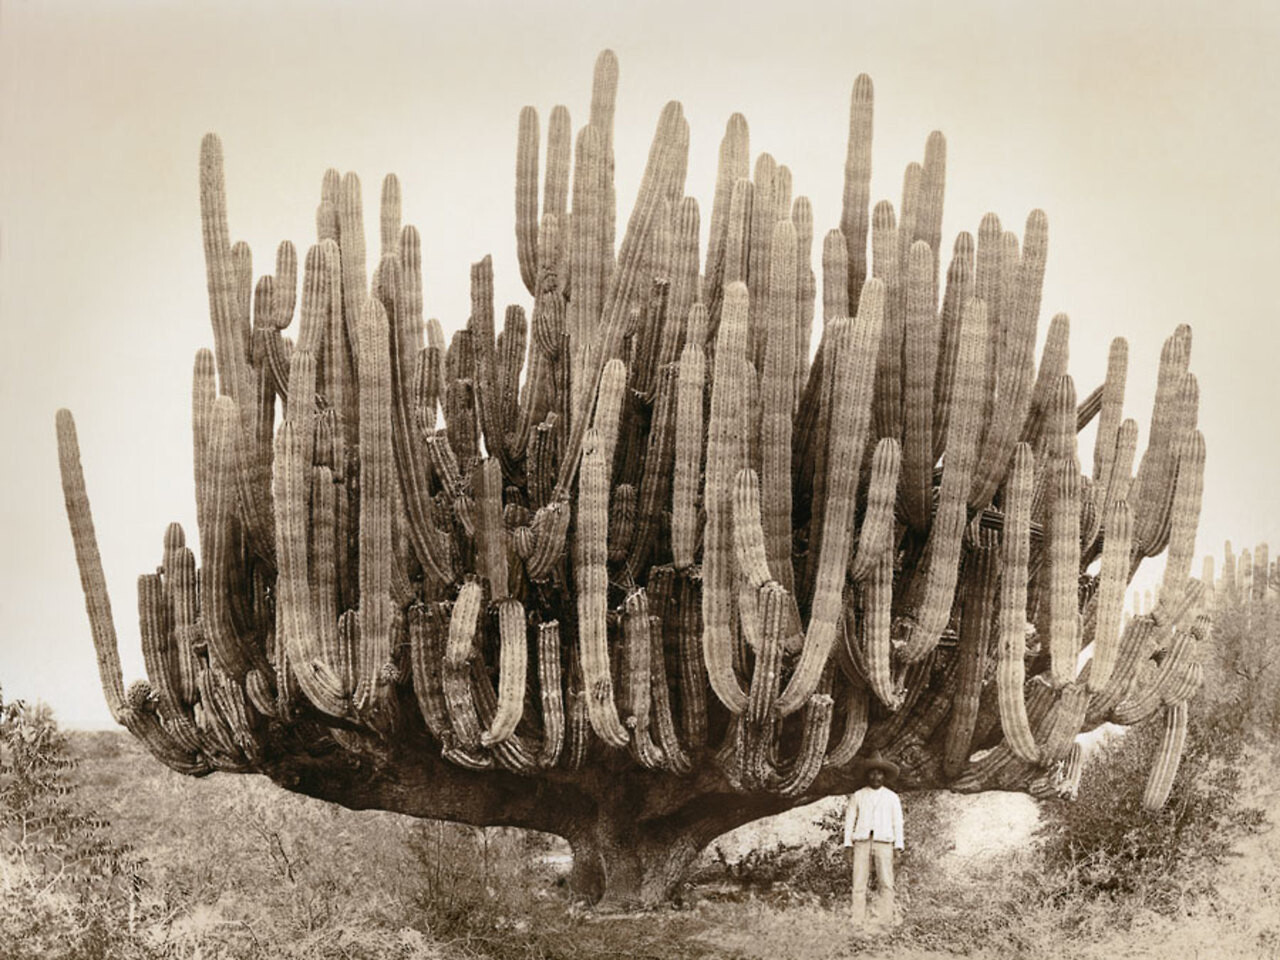 Pachycereus pringlei, также известный как мексиканский гигантский кардон или слоновий кактус, Мексика, 1895